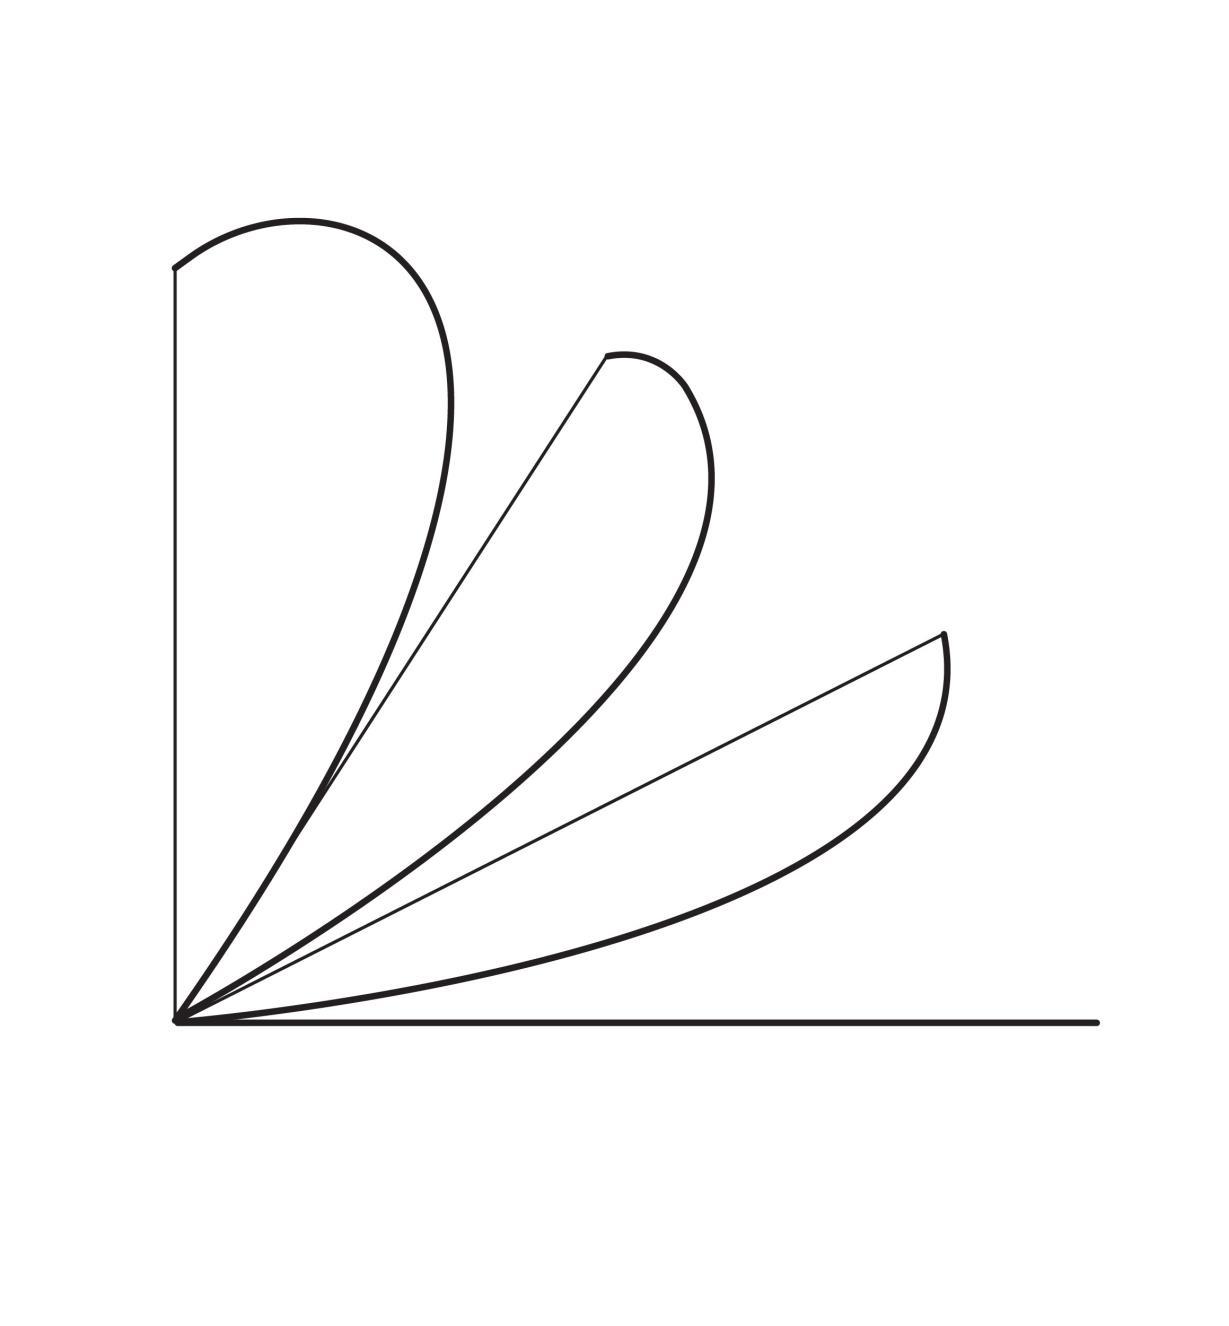 05N5520 - Arc de dessin asymétrique